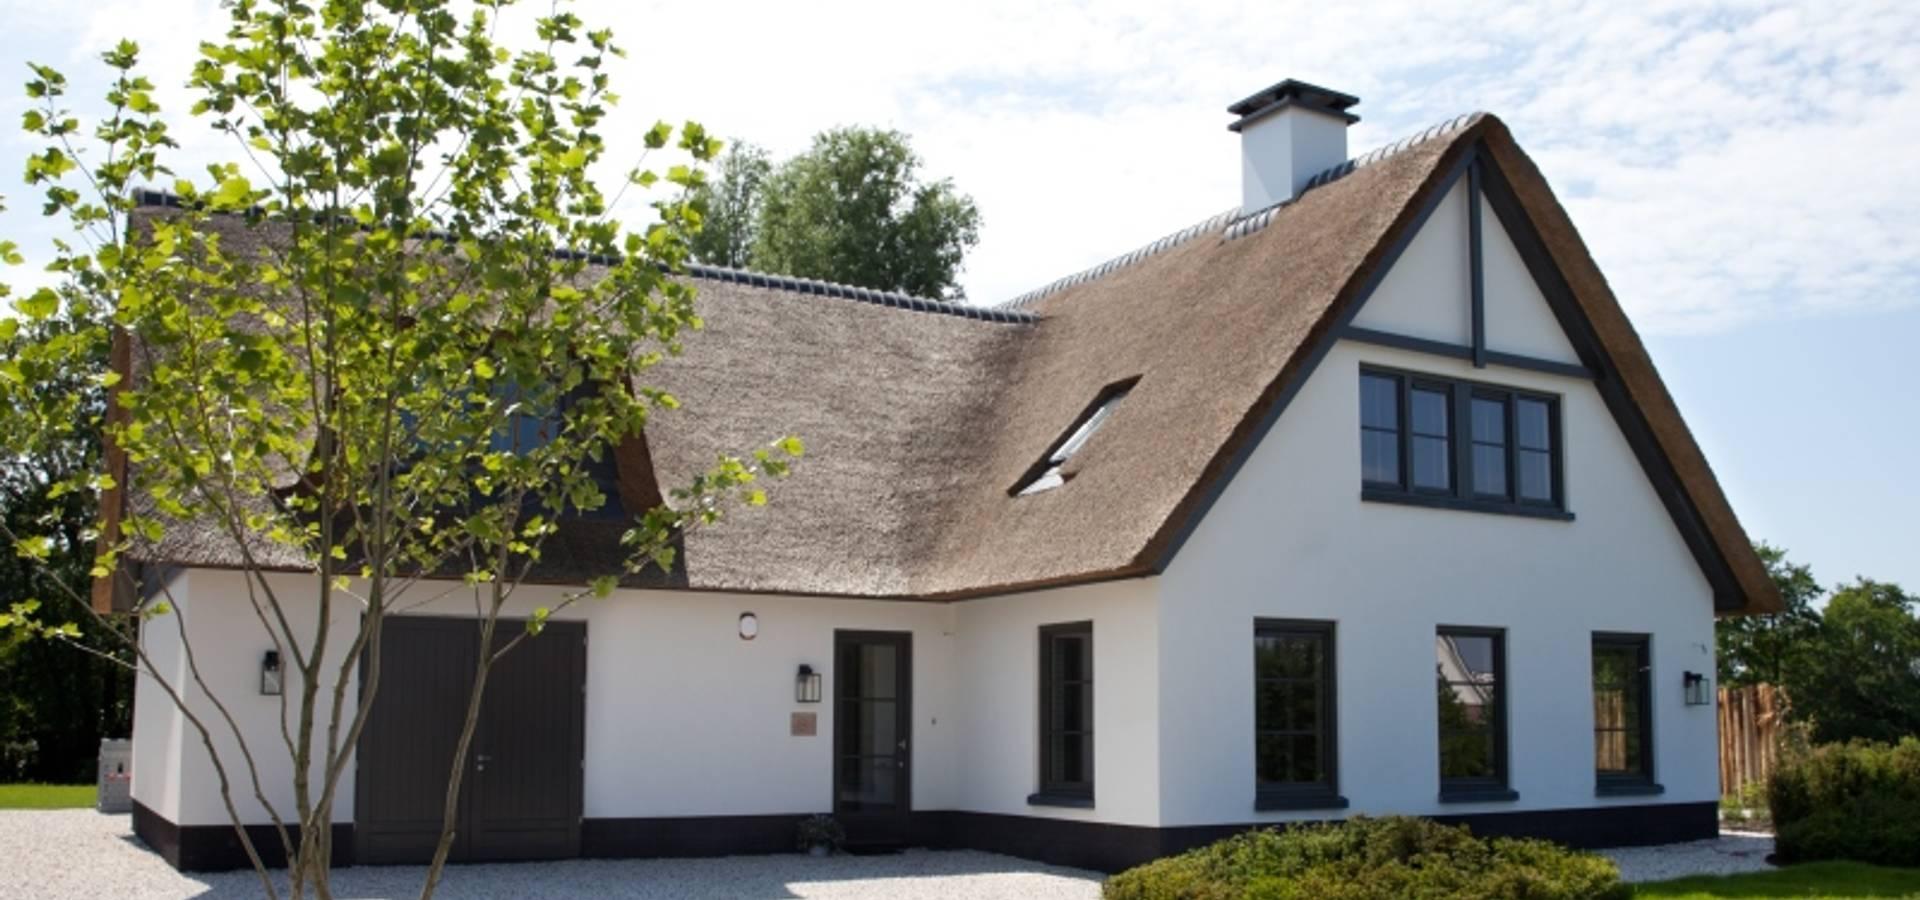 Vrijstaande woning sterksel door groothuisbouw emmeloord homify for Afbeelding van moderne huizen